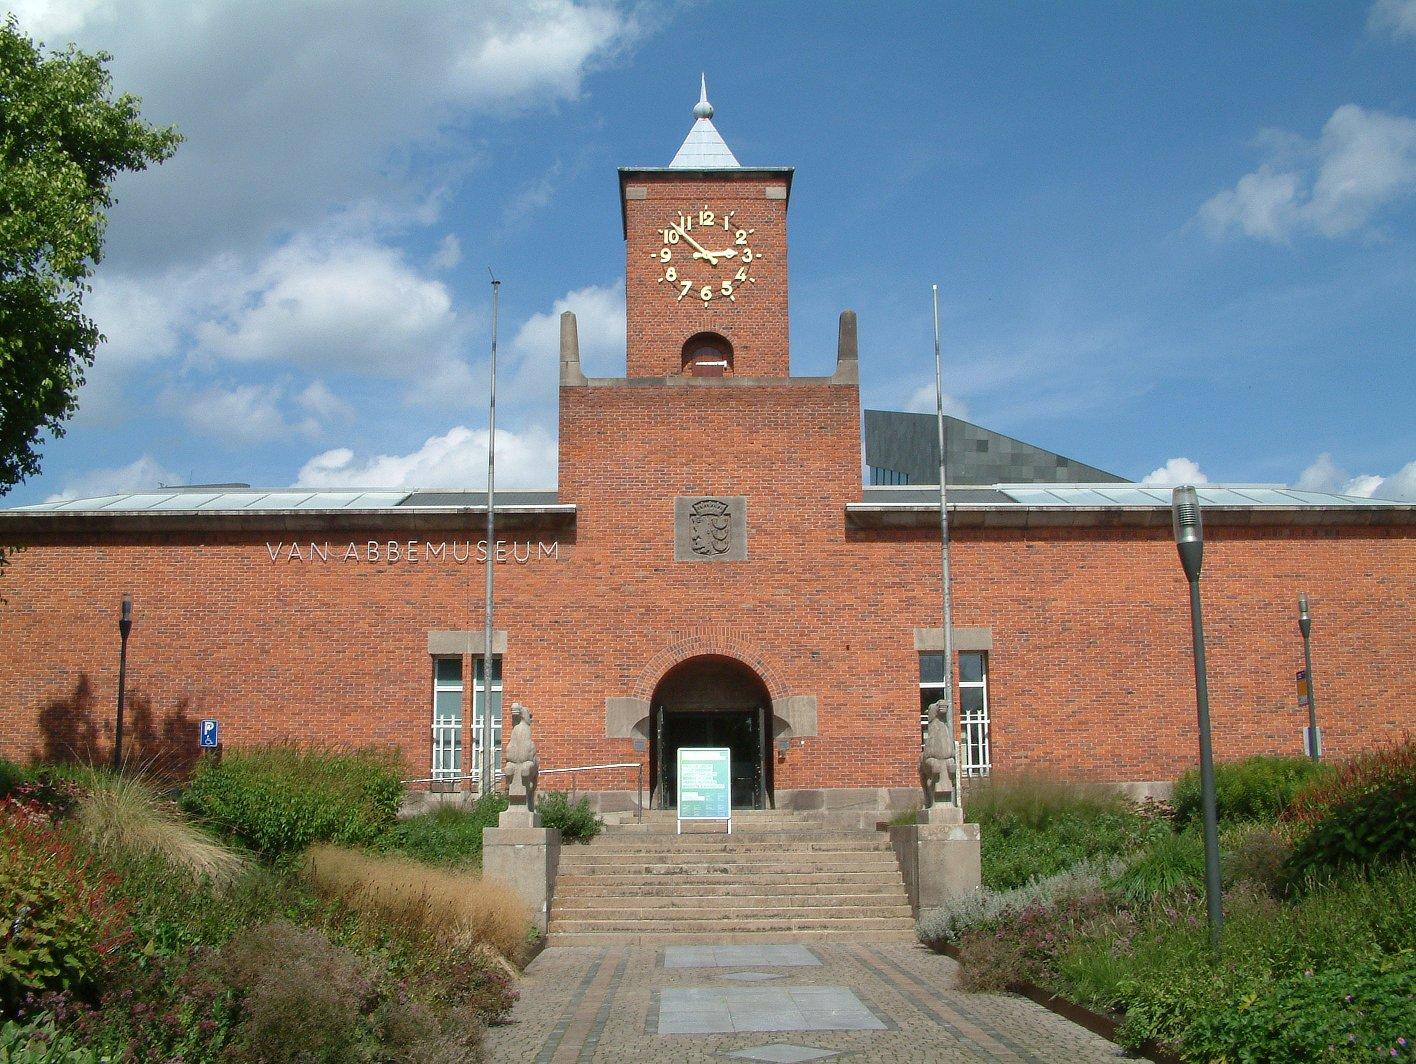 Музей «Ван Аббе»